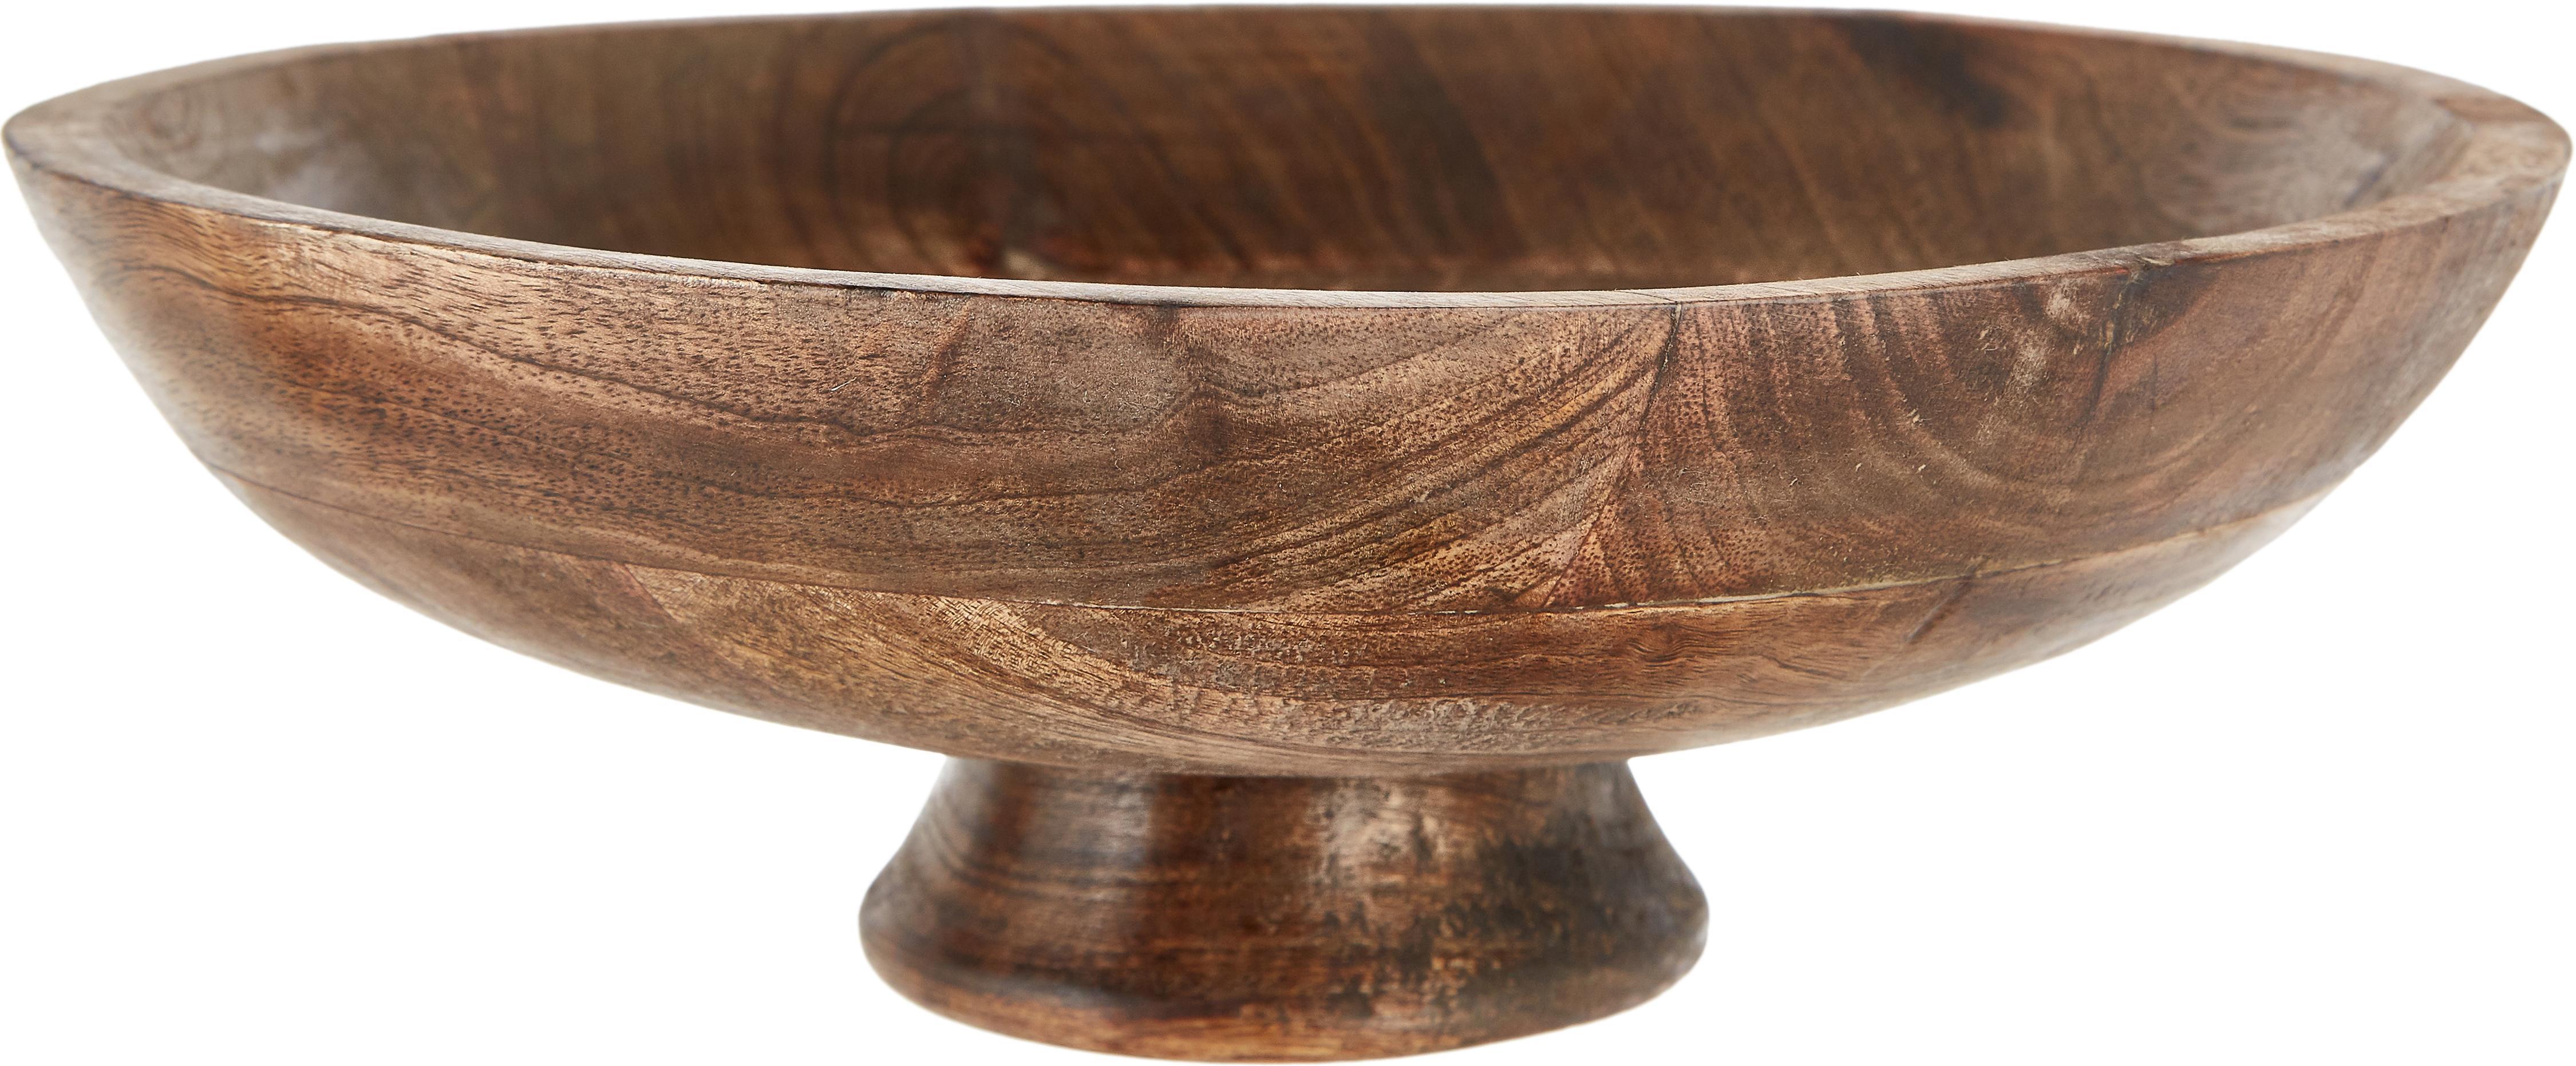 Miska dekoracyjna Helia, Drewno mangowe, Drewno mangowe, Ø 30 cm